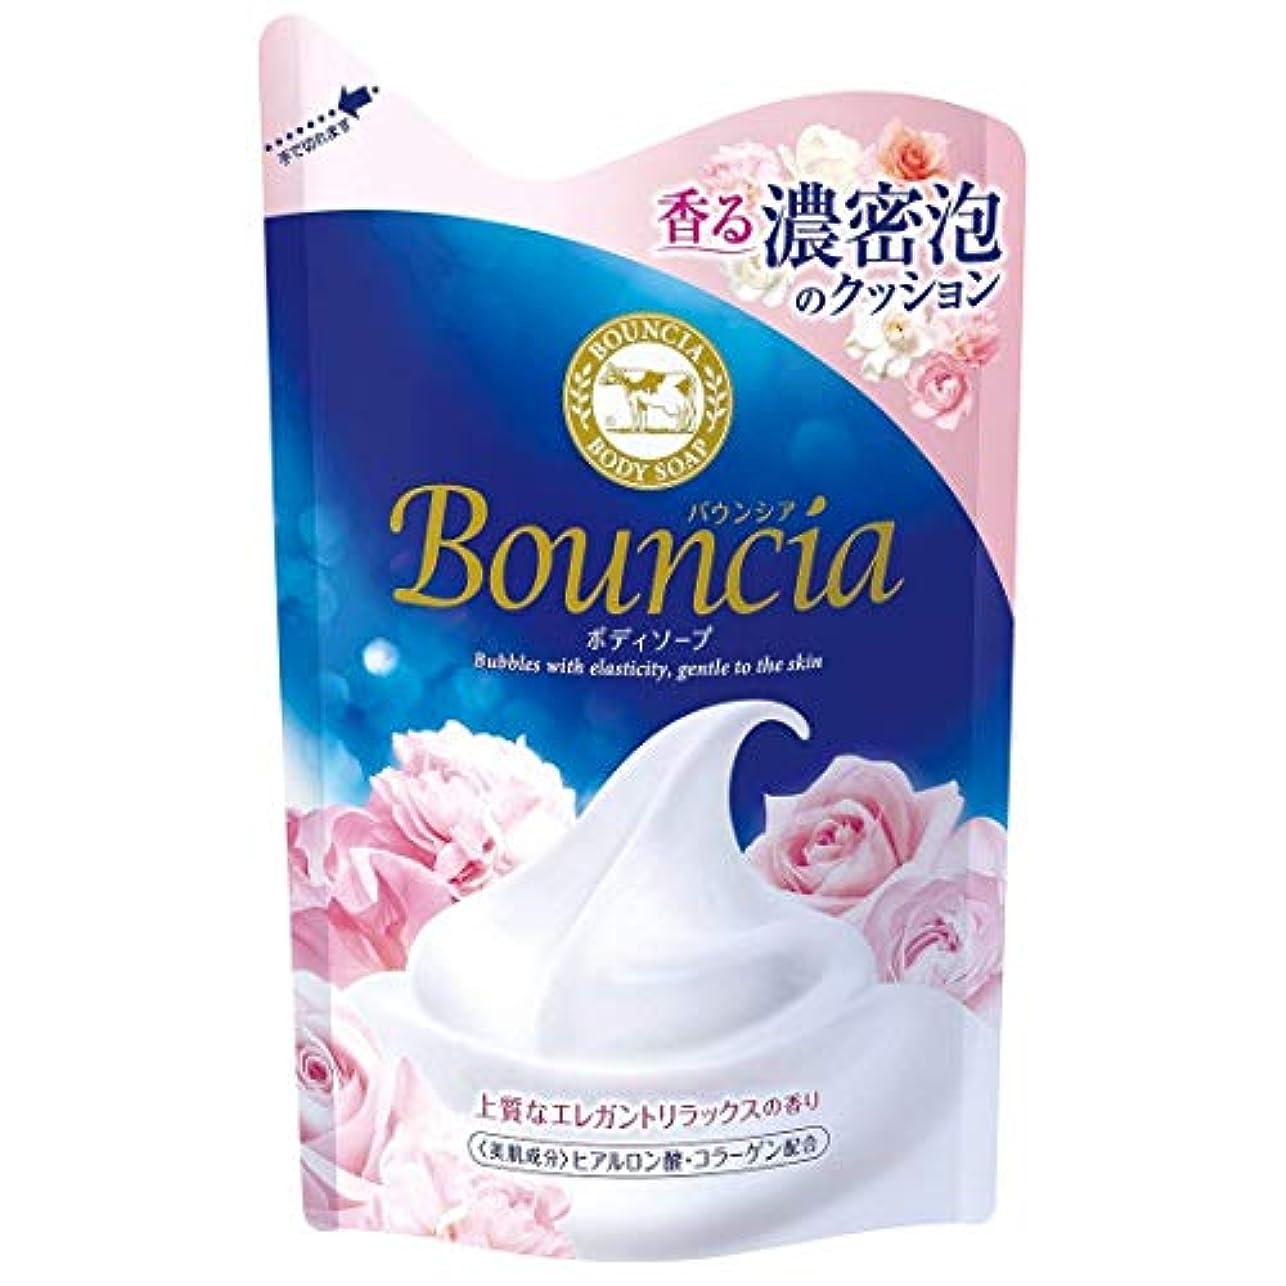 超高層ビルバッテリーランク【まとめ買い】 バウンシア ボディソープ エレガントリラックスの香り つめかえ用 430ml × 3個